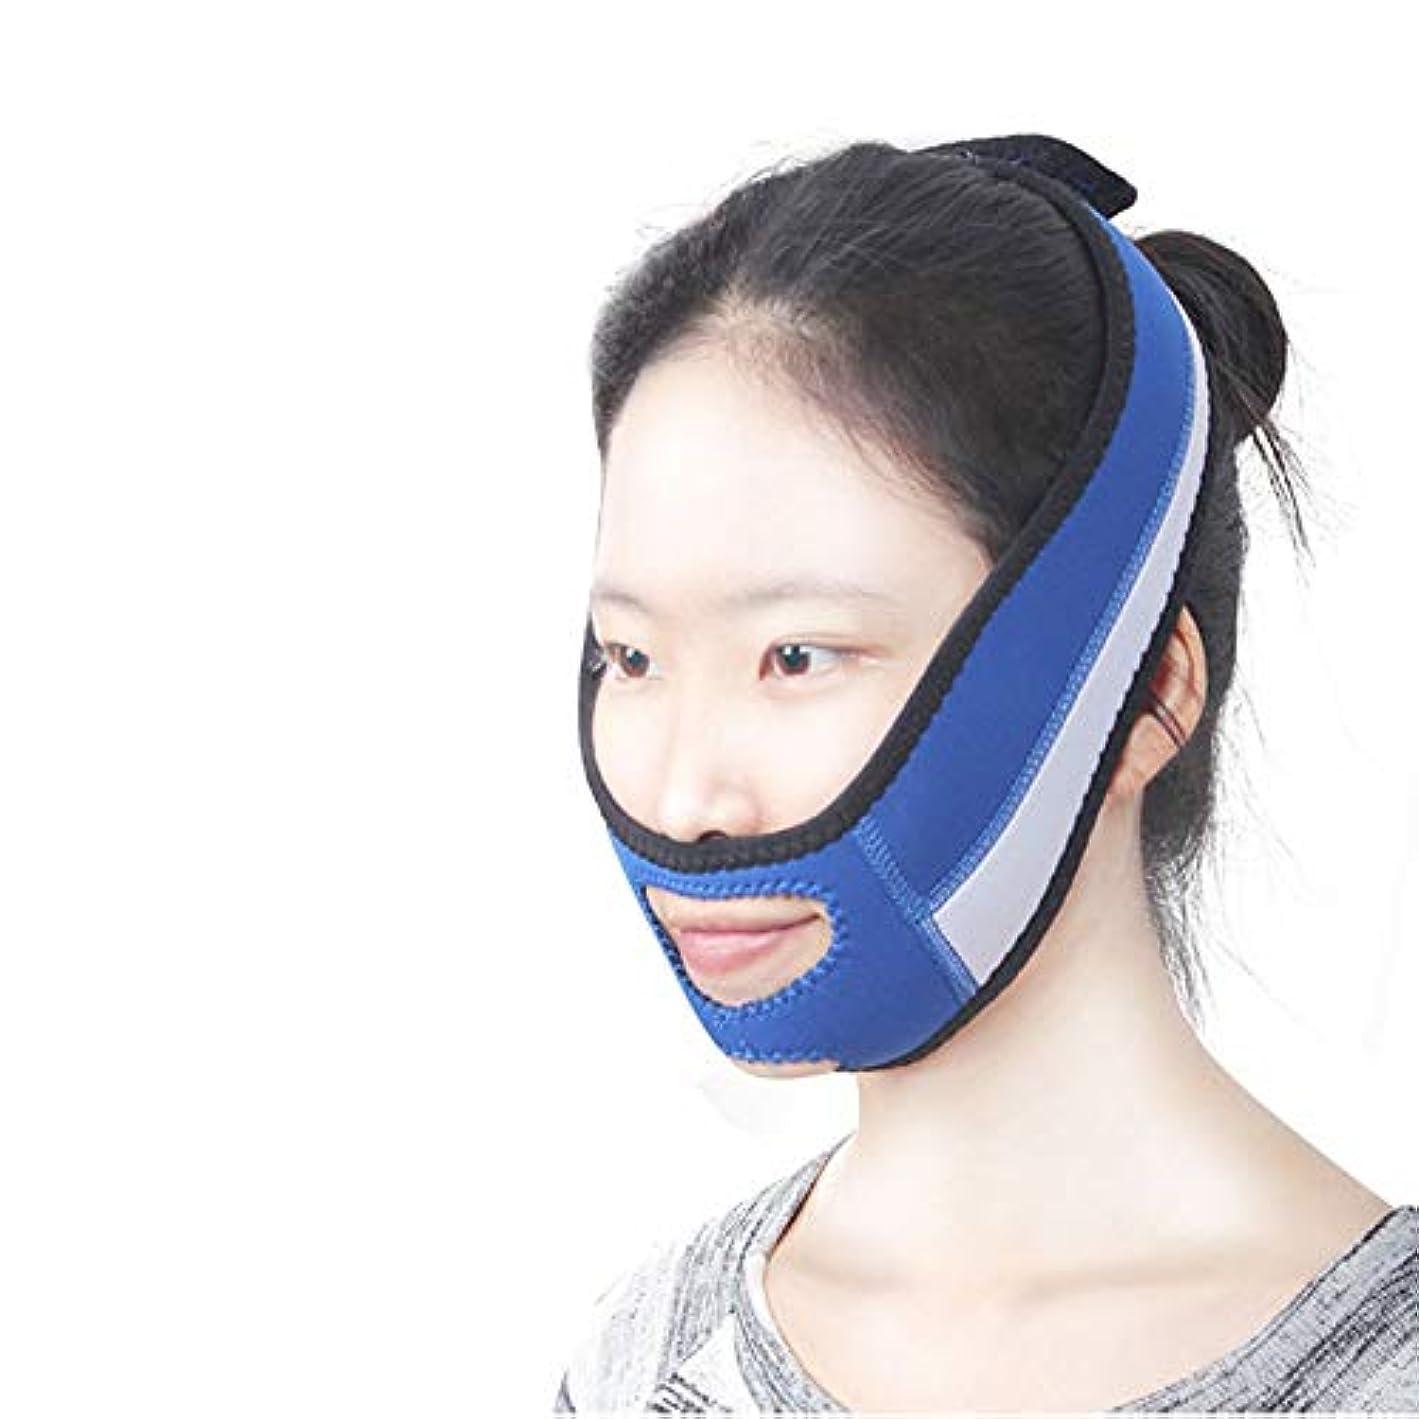 とティーム不承認別れるWSJTT V字型スリミングフェイスストラップをマスクネックリフトテープフェイススリムパッチフェイススリミングベルトチークマスクリフトV顔ラインスリムを持ち上げるダブルチンリデューサーVラインマスク